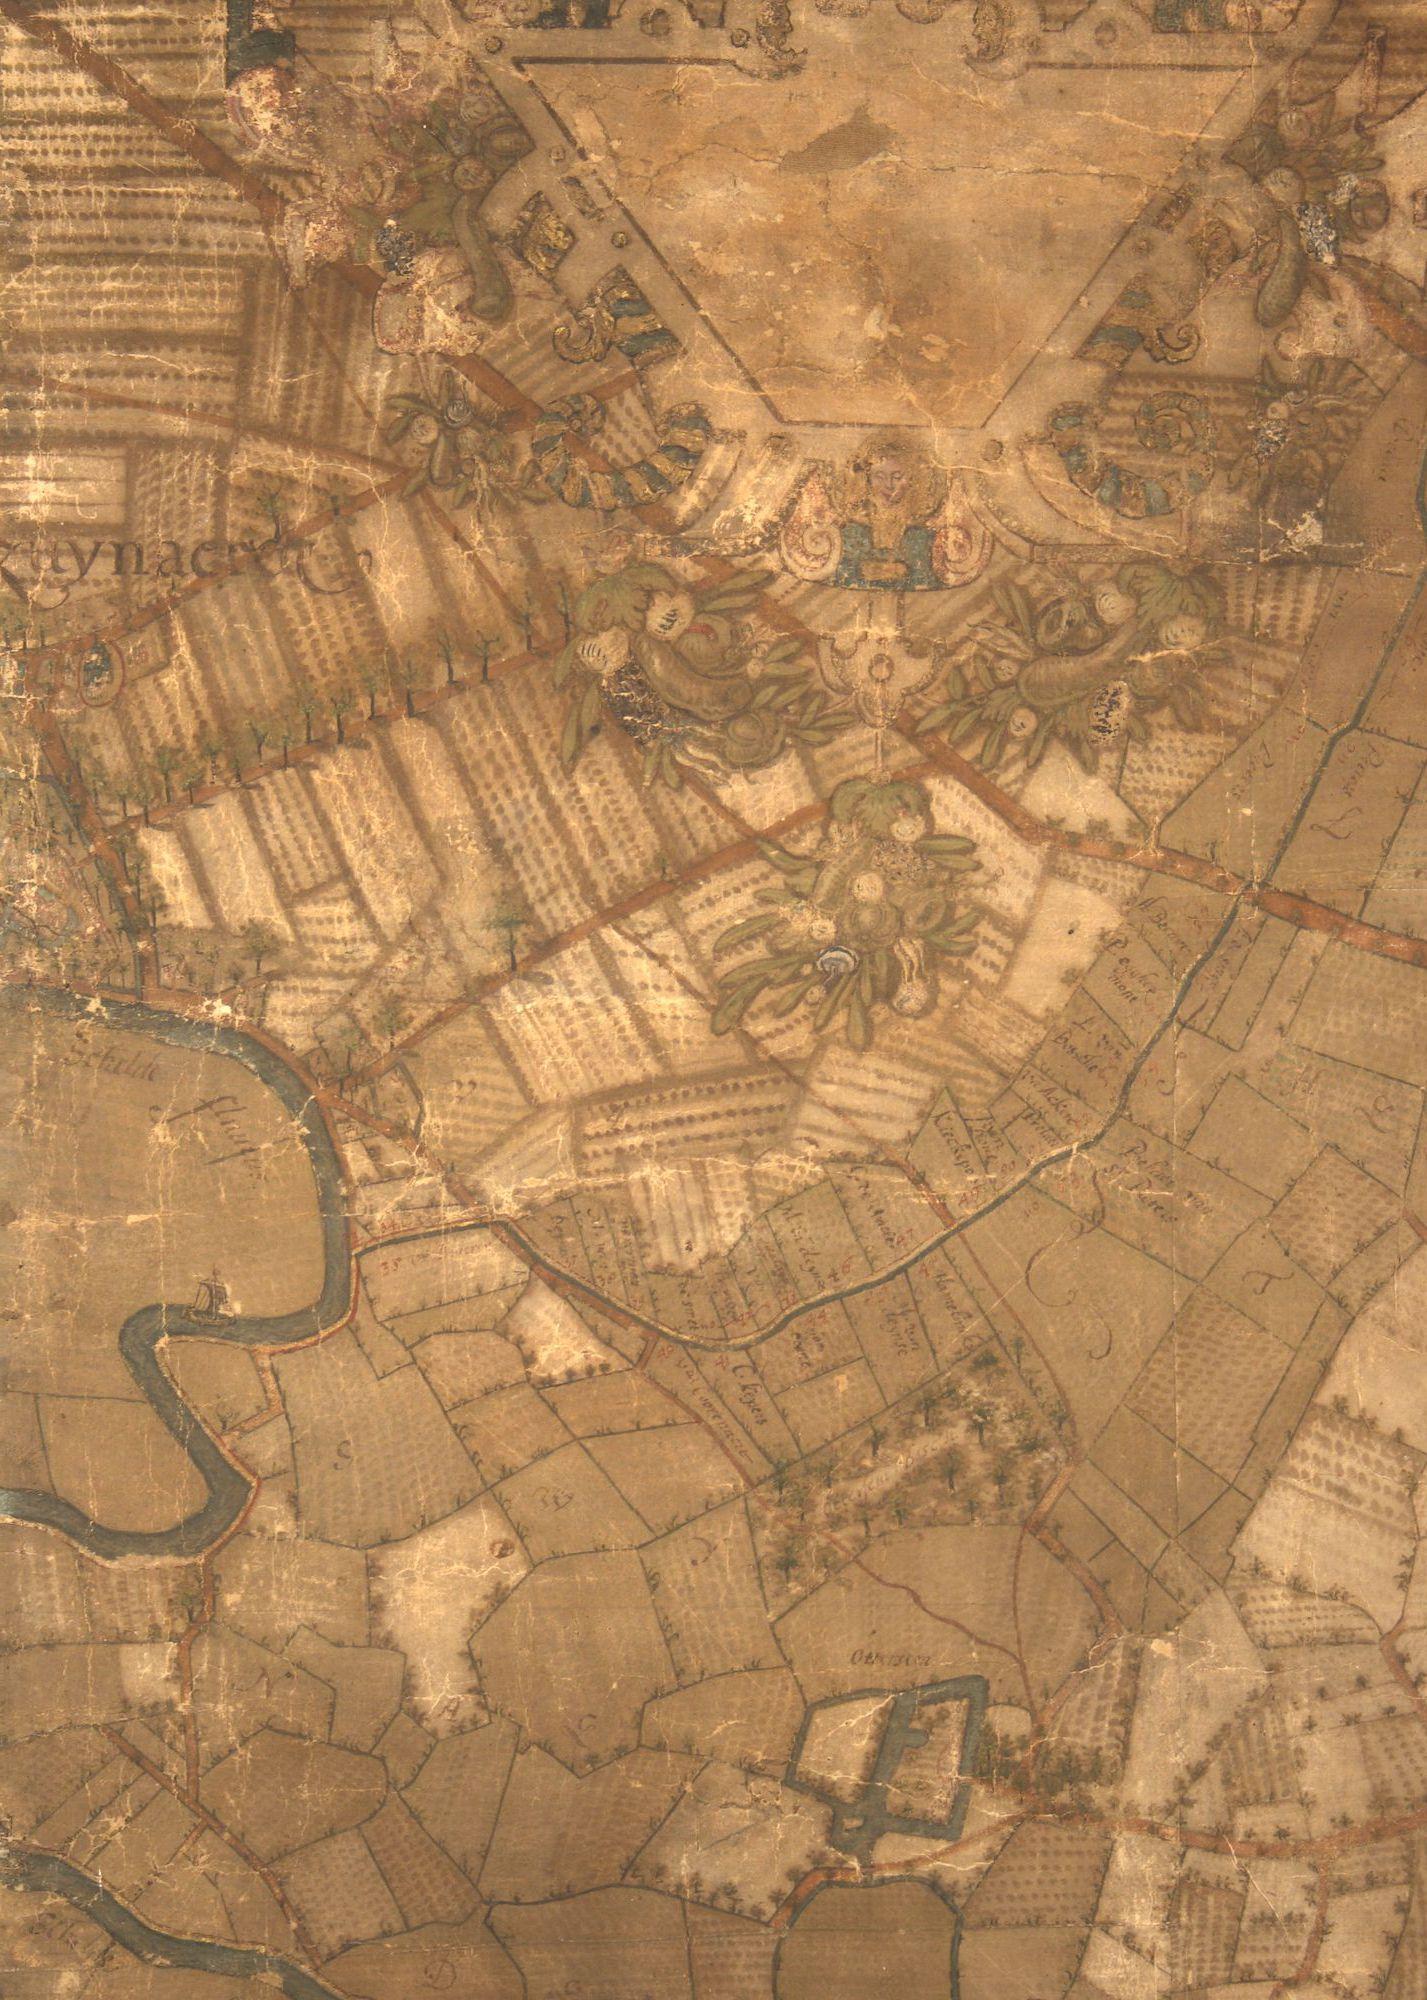 Zwijnaarde en Ottergem: kaartdeel 14 (VI) van de Kaart van Gent en het Vrije van Gent afgebakend door de Rietgracht, Jacques Horenbault, 1619